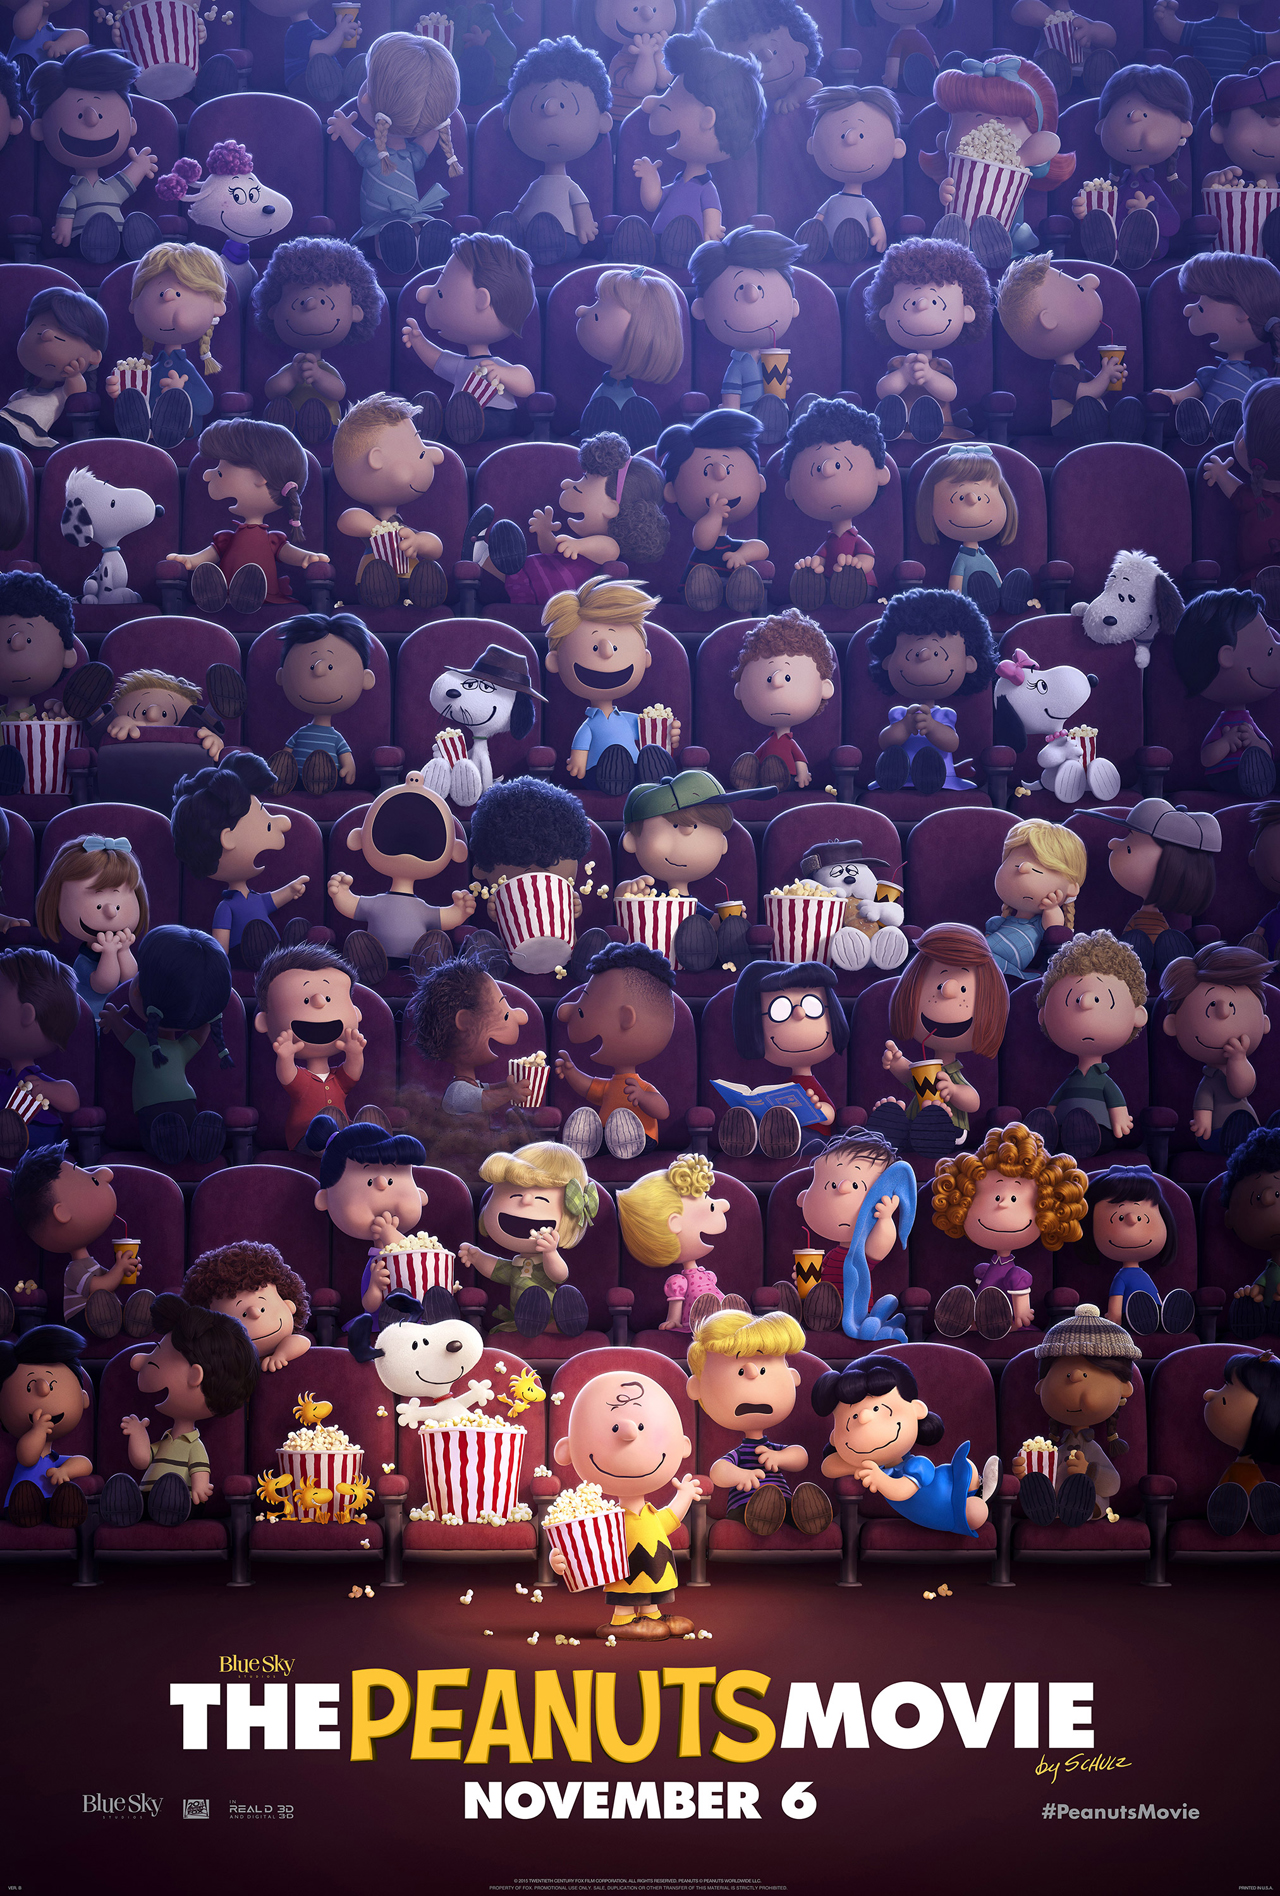 Snoopy & Friends - Il film dei Peanuts: un nuovo poster del lungometraggio